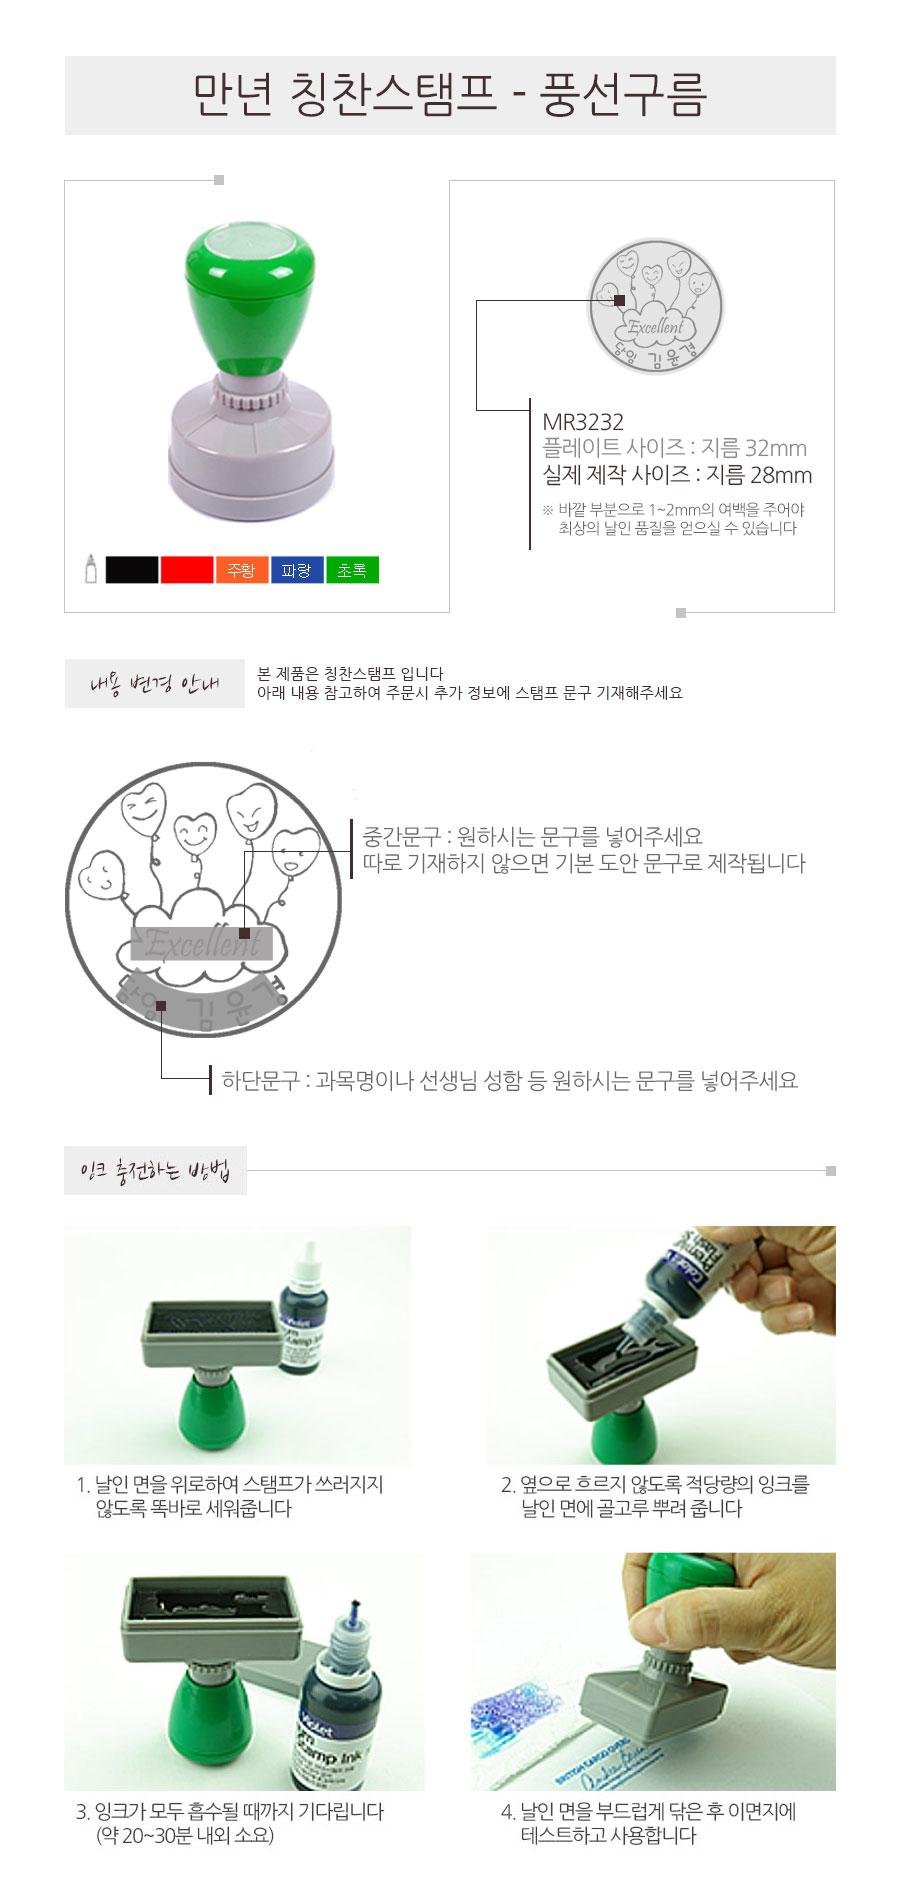 만년 칭찬도장 선생님스탬프 주문제작 풍선구름 - 고무인닷컴, 14,300원, 스탬프, 주문제작스탬프